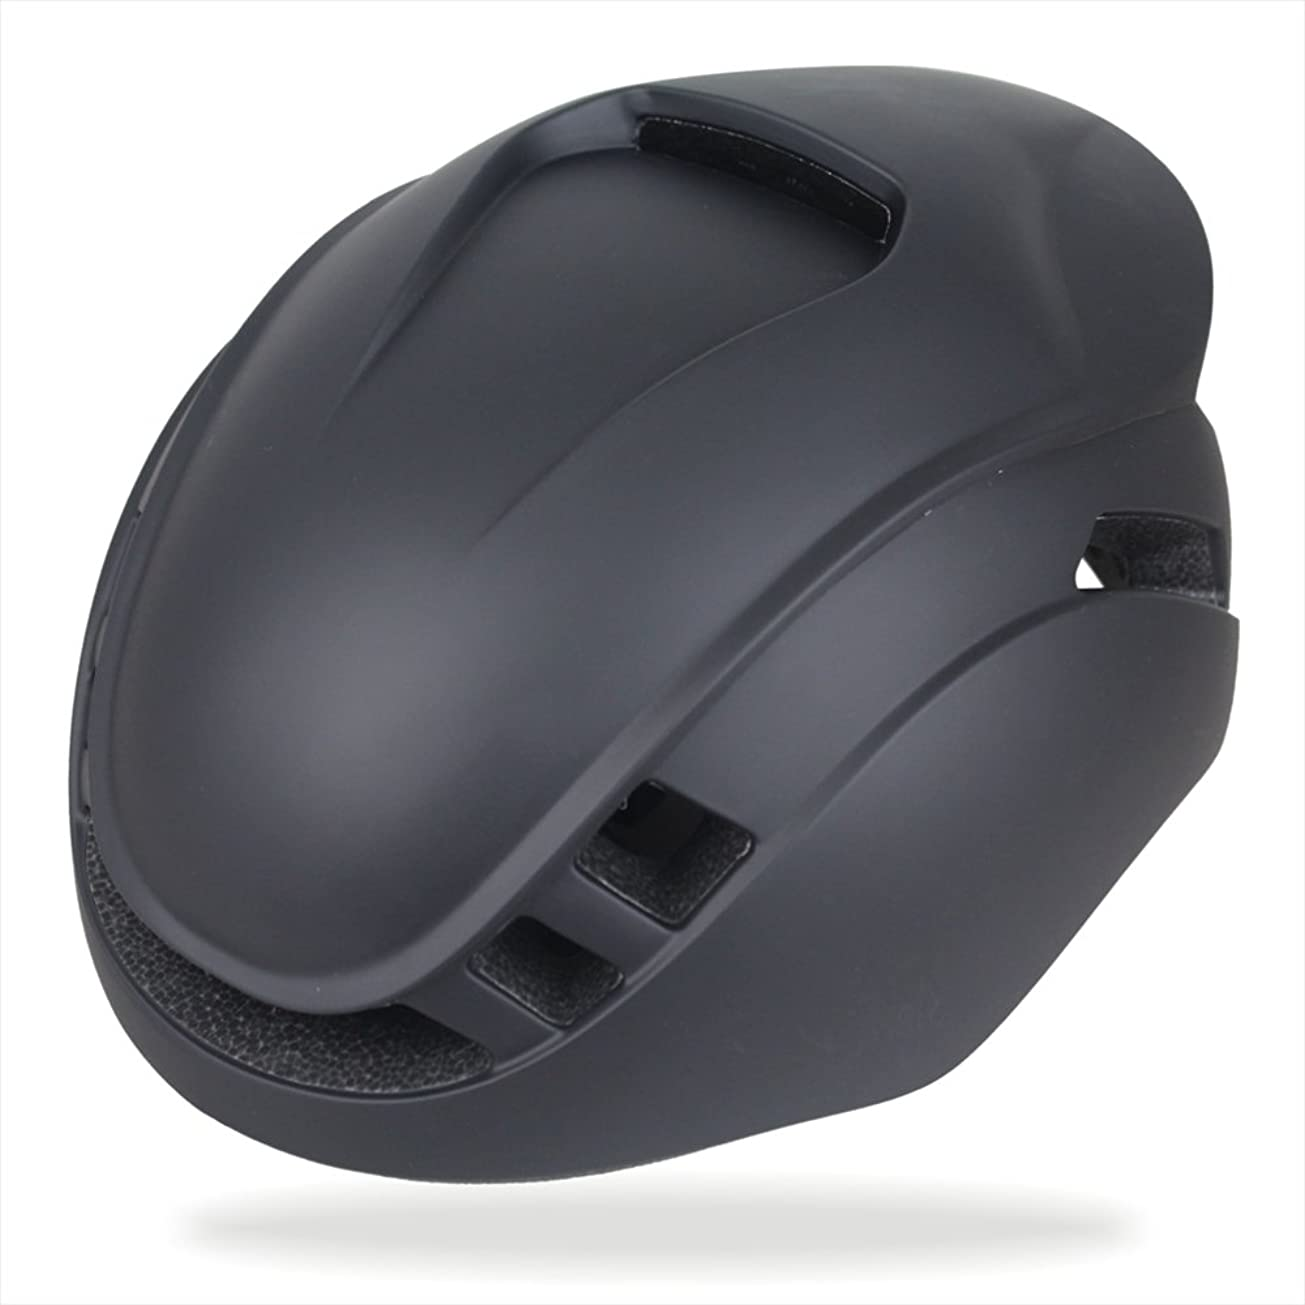 ターゲットエイリアス手がかりVINSOO 2018新デザイン大人用ヘルメットEPS超軽量MTBマウンテンコンフォート自転車ヘルメット、メンズレディースバイクヘルメット